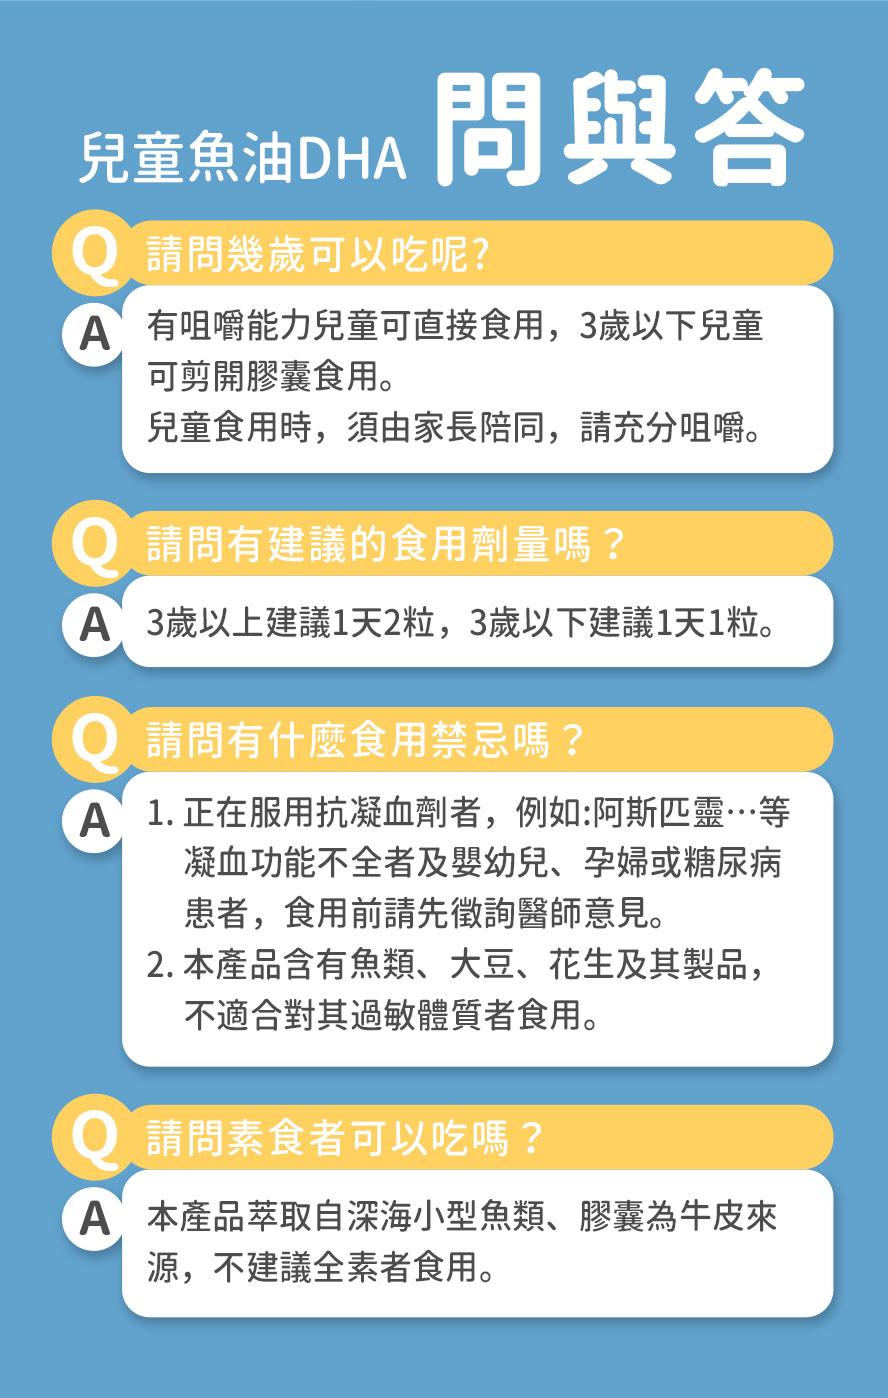 BHK兒童魚油DHA建議3歲以上一天2粒,3歲以下1粒,請小心咀嚼,可切開膠囊加入牛奶、食物中一起食用,兒童咀嚼食用時,須由家長陪同避免誤吞。